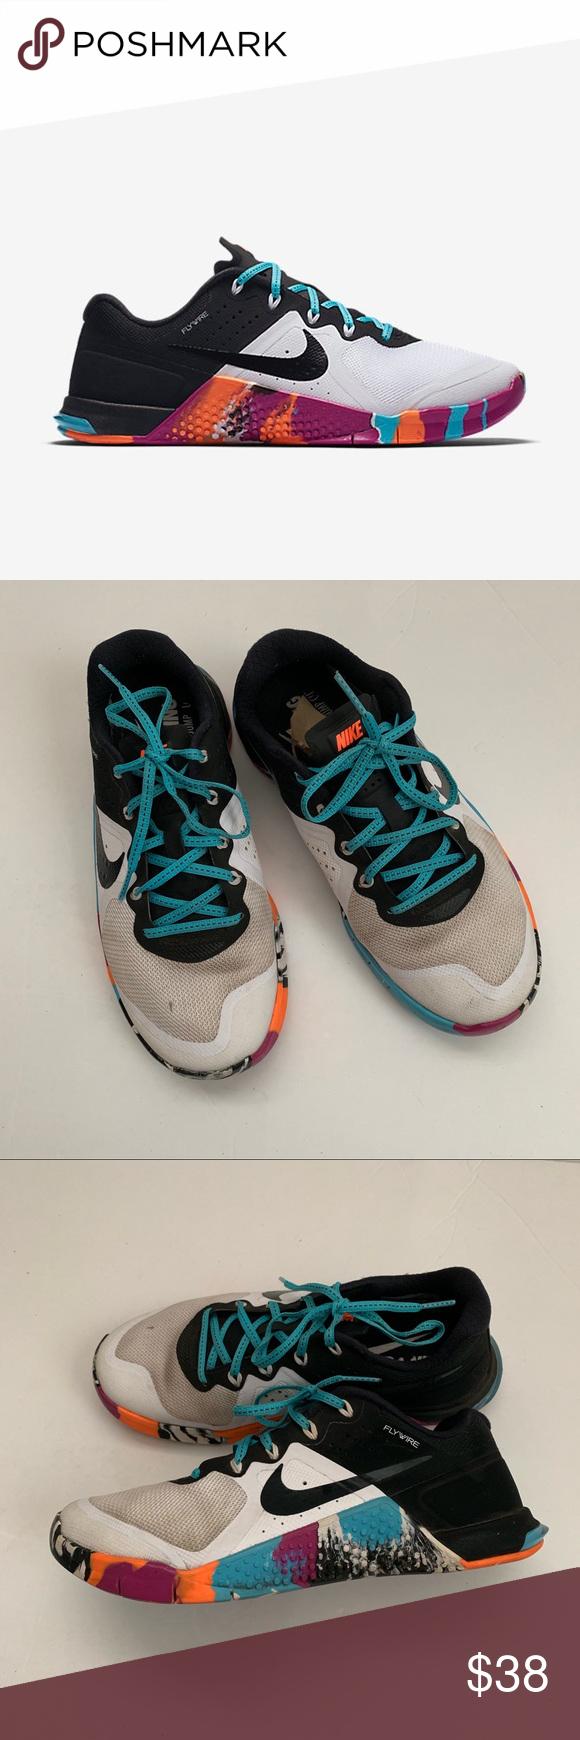 Nike FLYWIRE Metcon 2 MULTICOLOR size 6